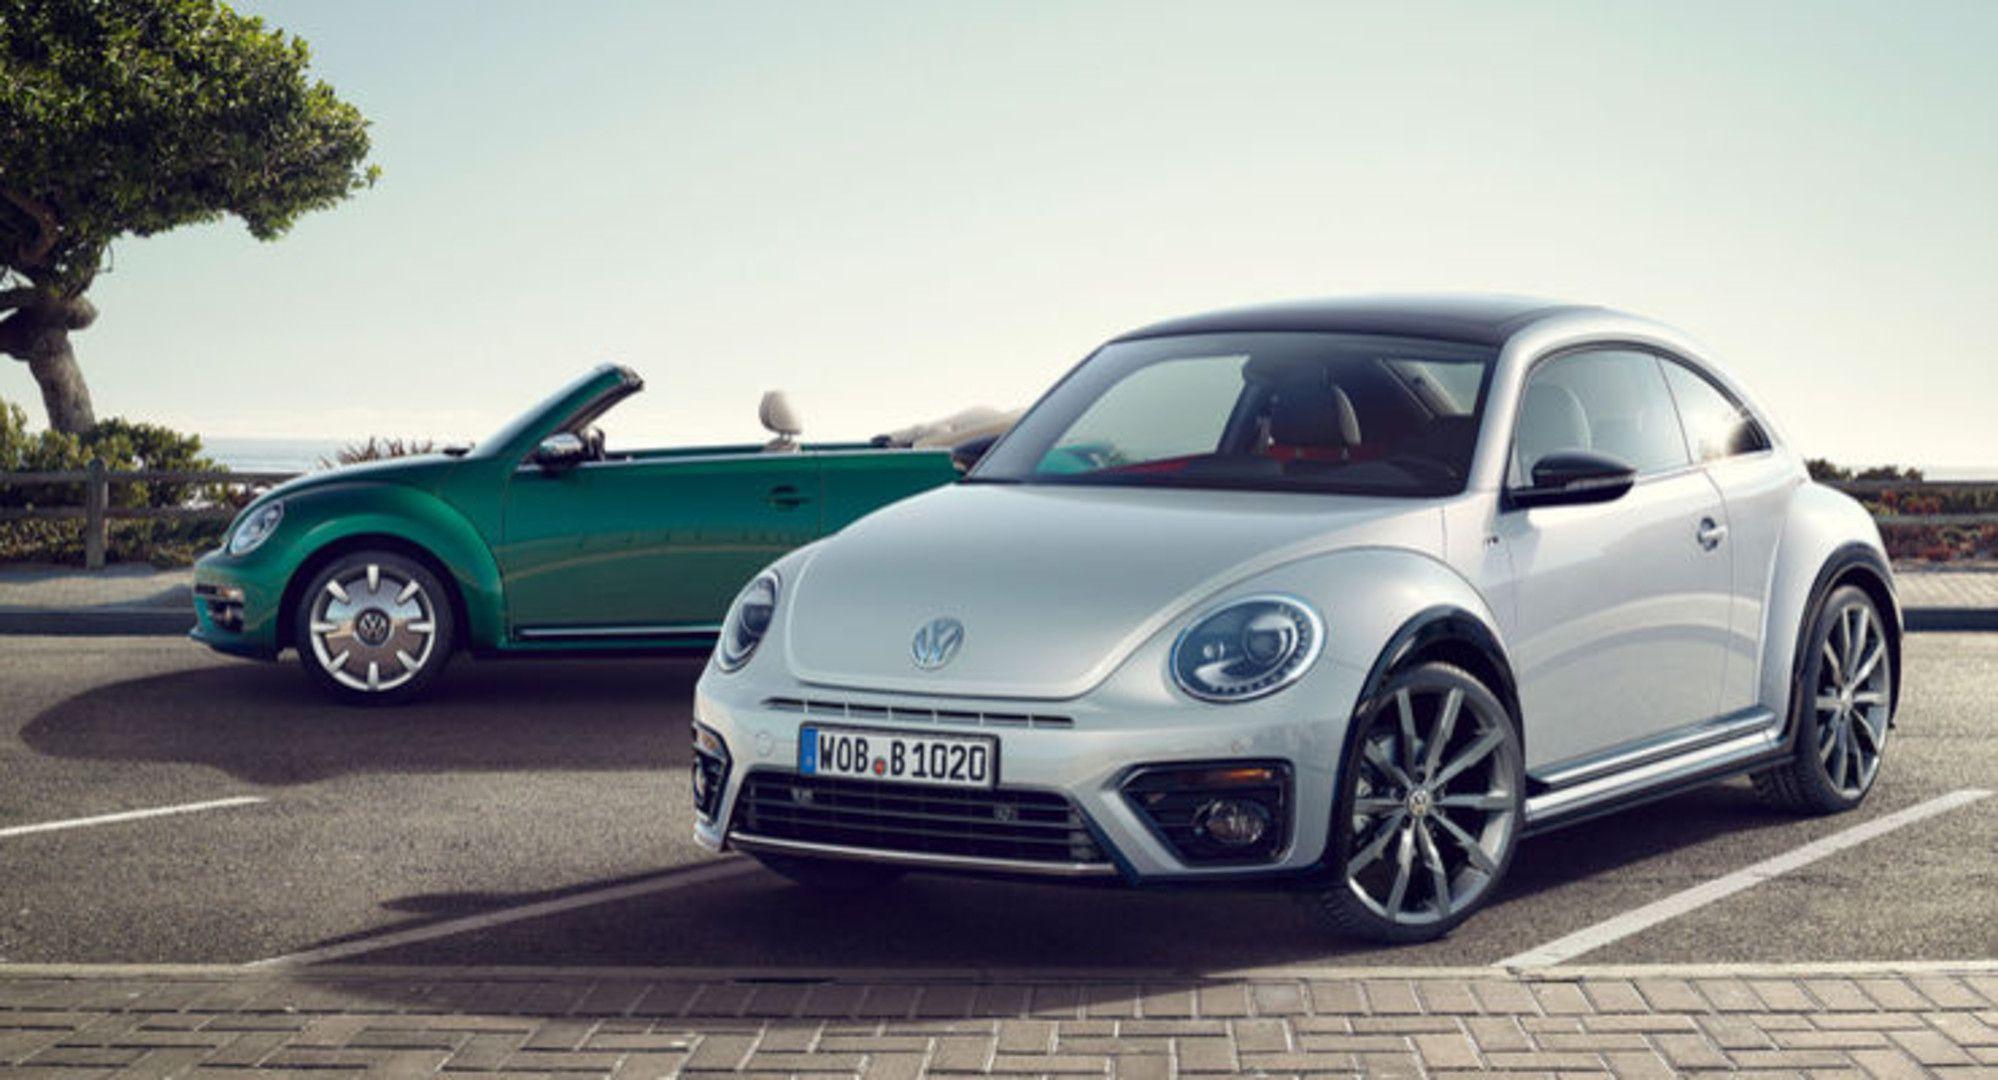 Herbies Urenkel Vw Beetle 2017 News Motor